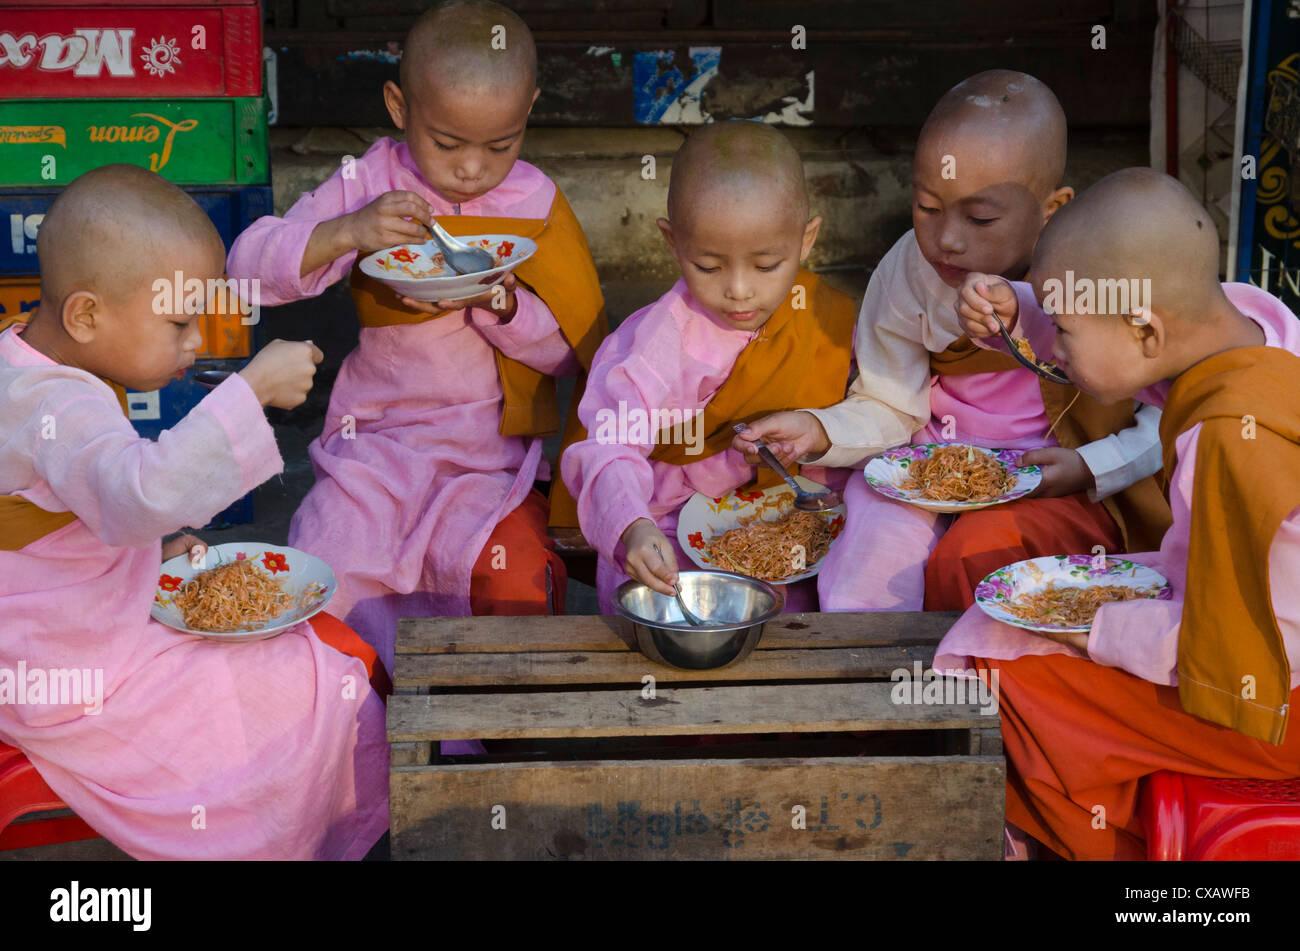 Giovane debuttante monache aventi la loro prima colazione nelle strade di Yangon, Myanmar (Birmania), Asia Immagini Stock